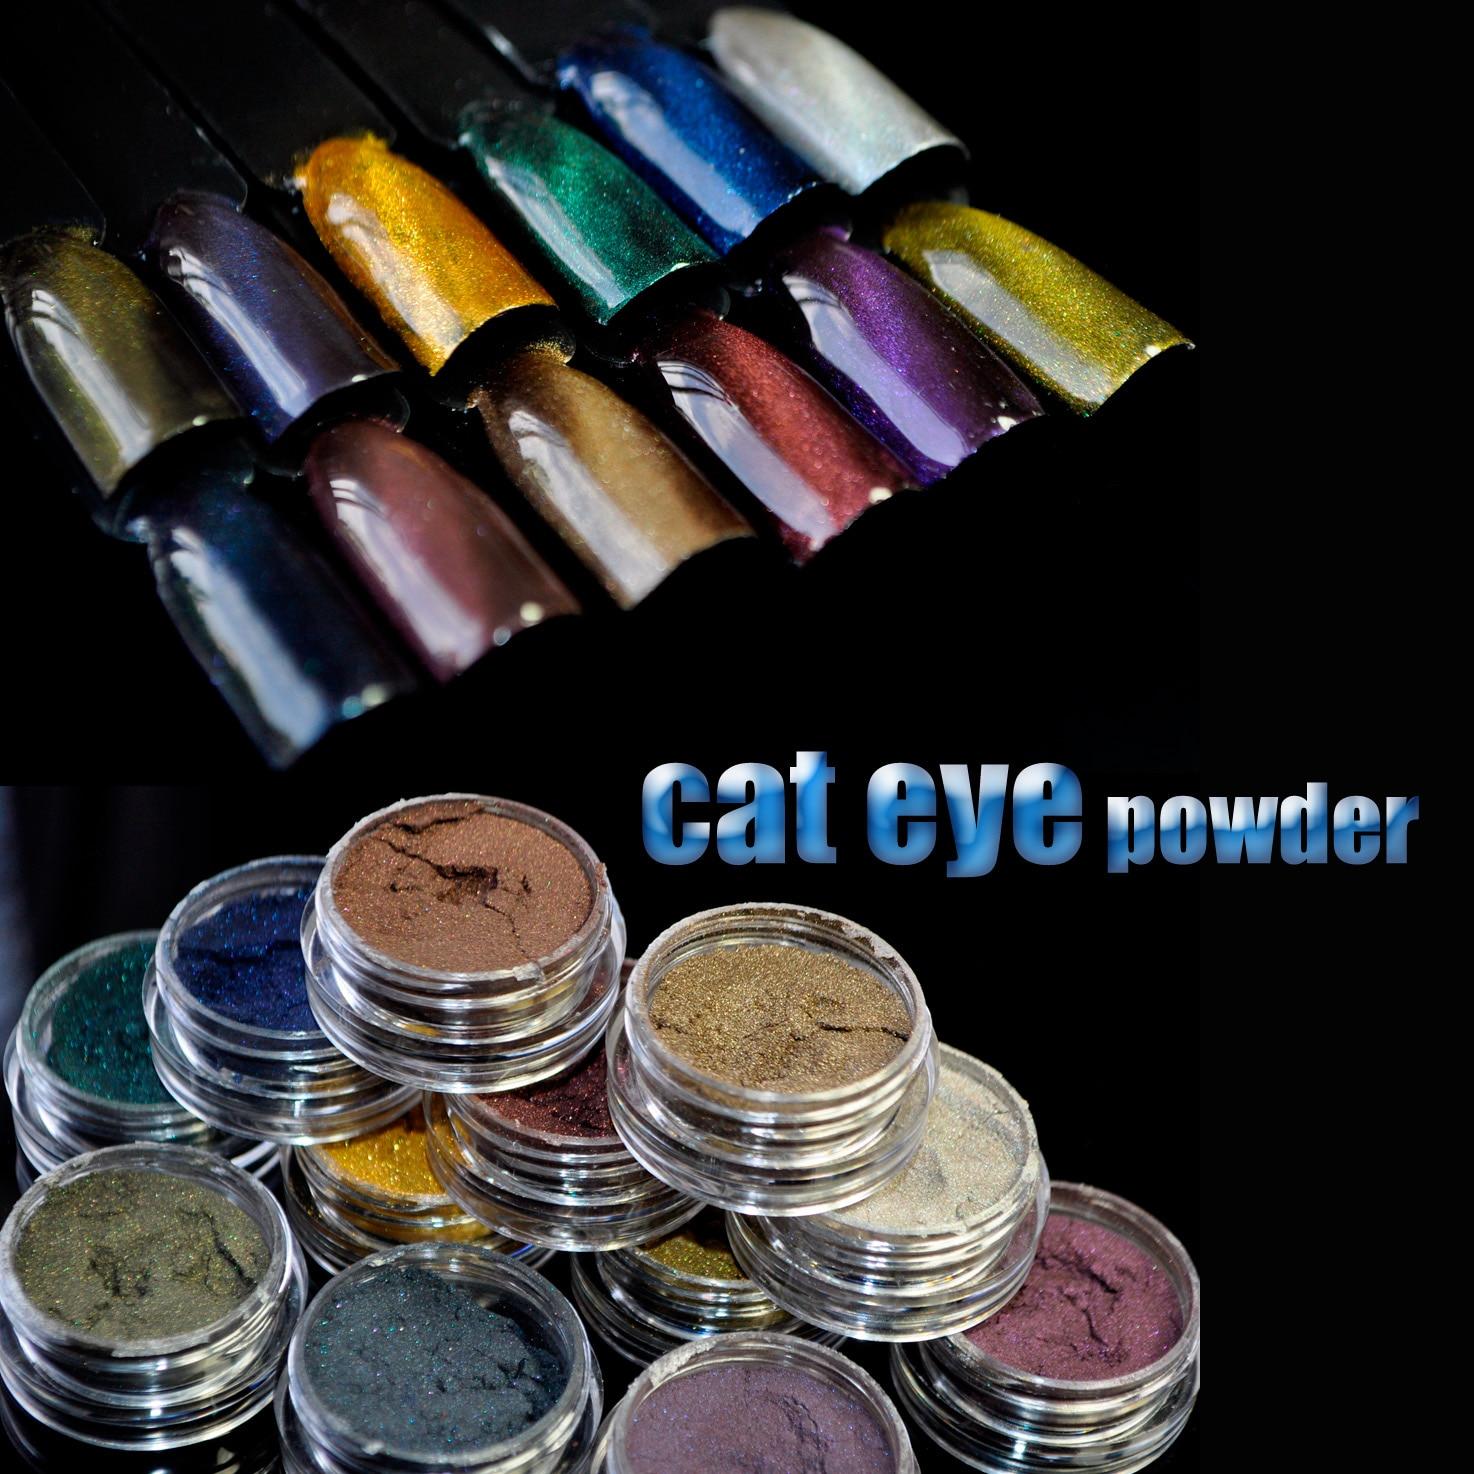 새로운 12 개/키트 3D 효과 고양이 눈 자석 매직 미러 분말 먼지 DIY UV 젤 폴란드어 네일 아트 반짝이 안료 매니큐어 도구